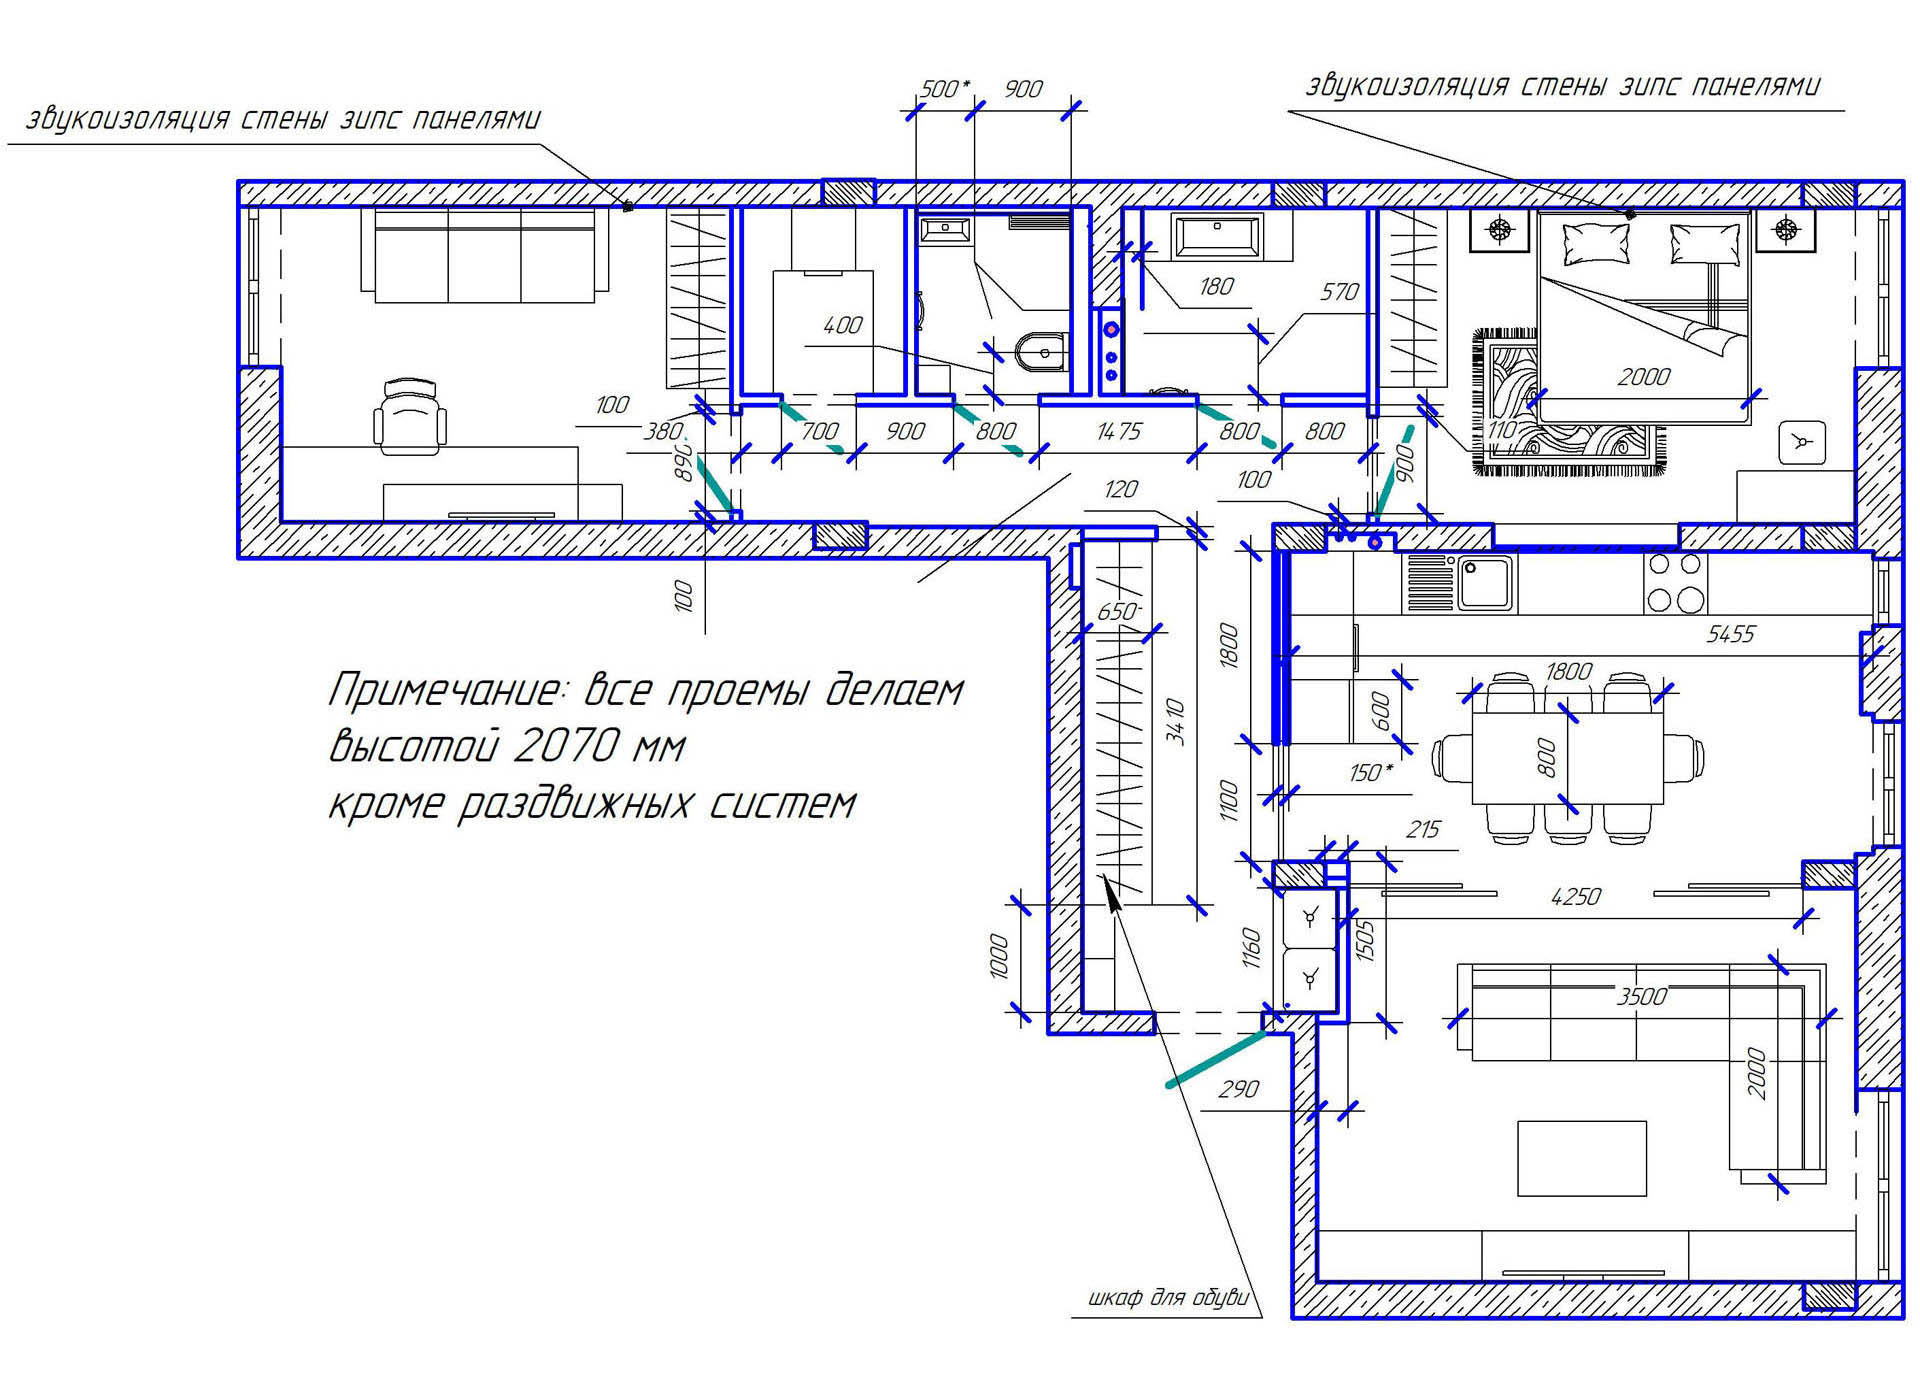 дизайн интерьера квартиры Киев Комфорт Таун план квартиры две комнаты, планировка, план мебели